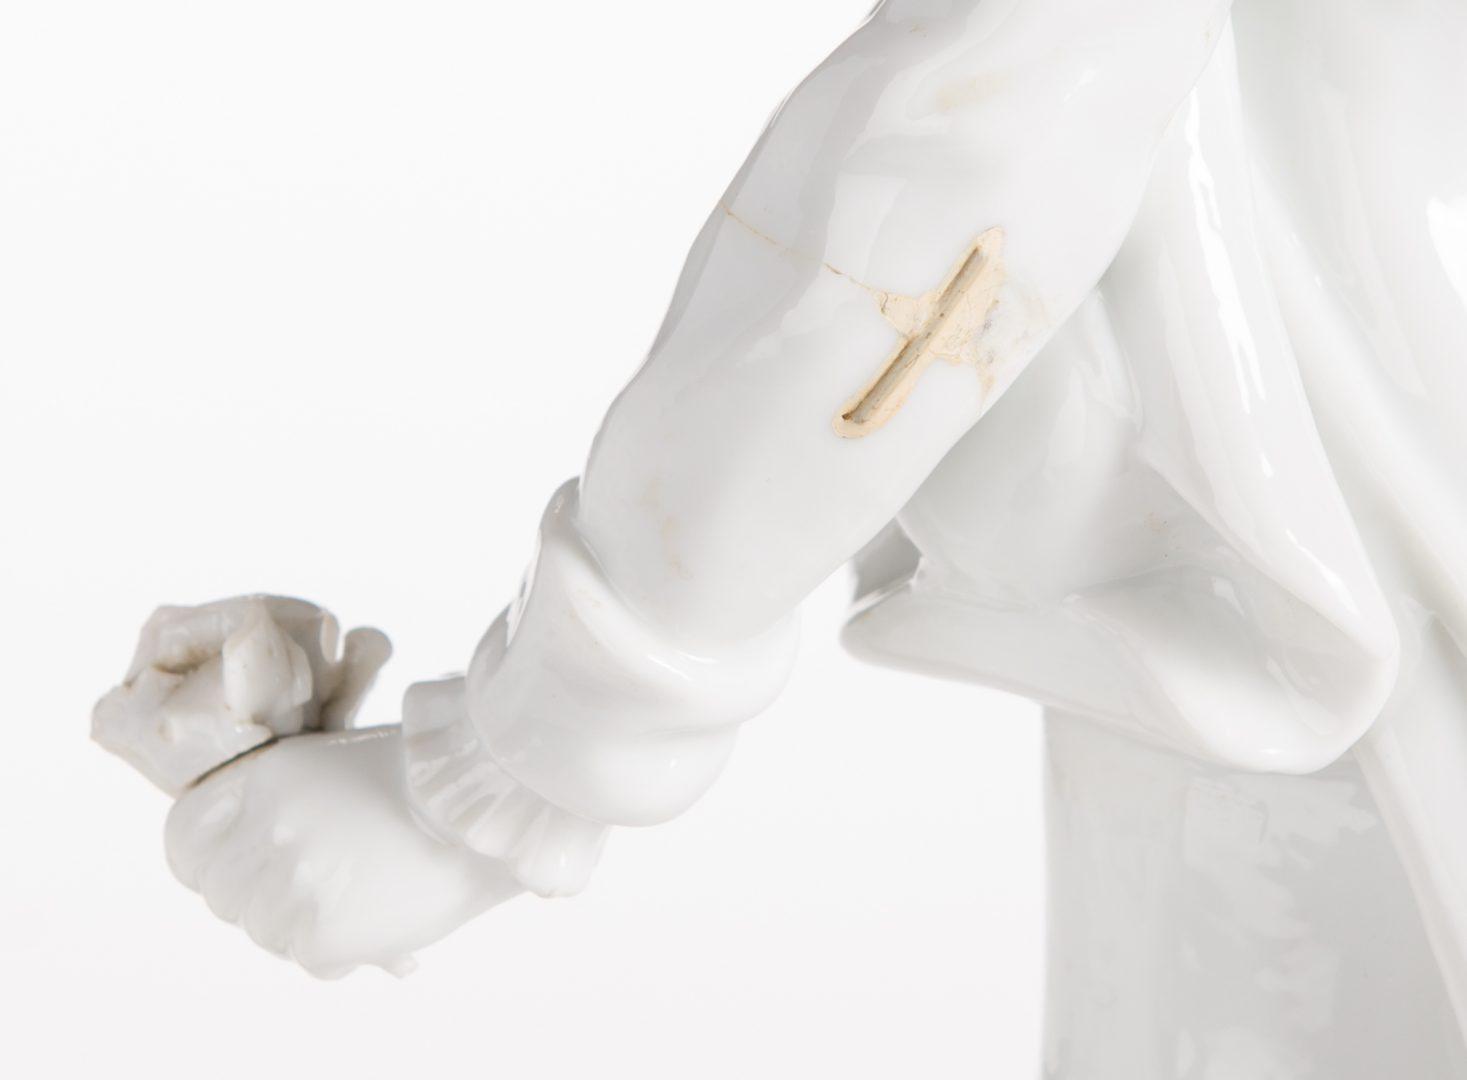 Lot 325: 3 Blanc de Chine Porcelain Figures, inc. Meissen